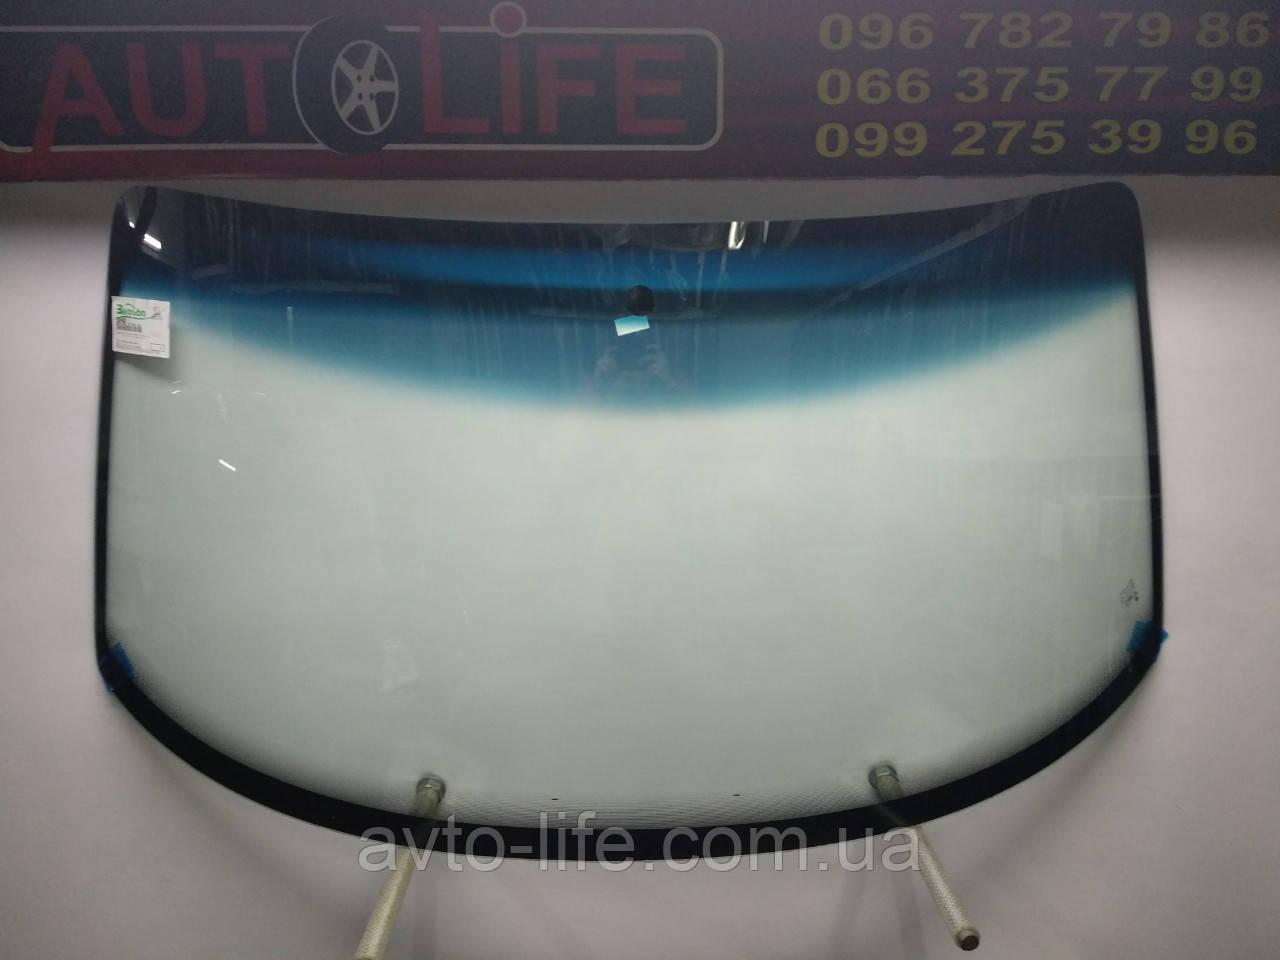 Лобовое на т4 транспортер сп 251 скребковый конвейер